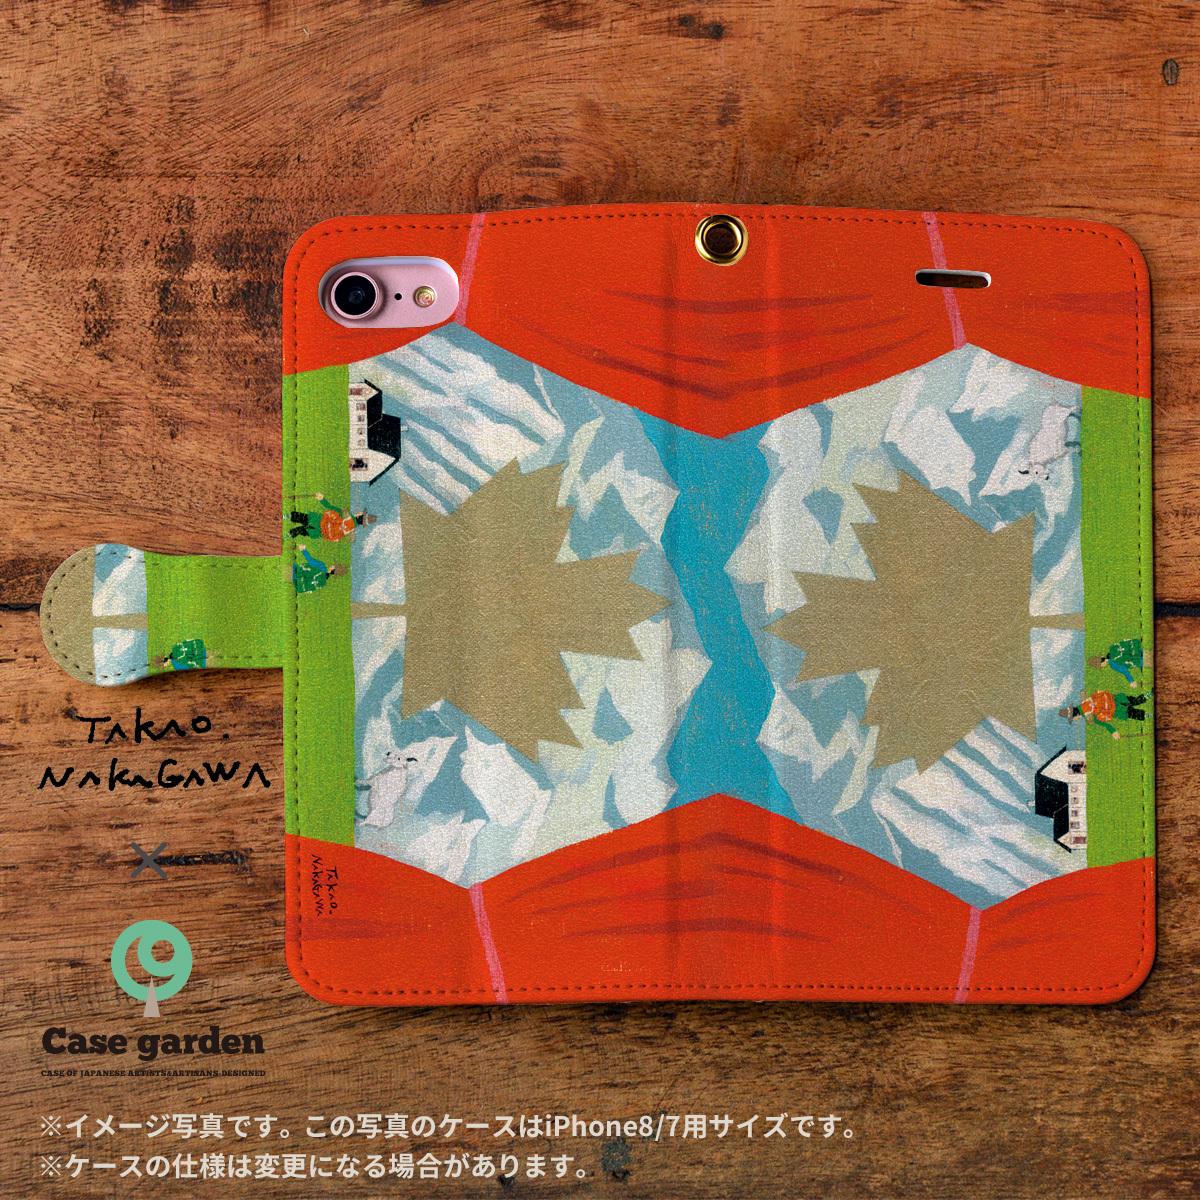 スマホケース 手帳型 個性的 iphoneケース 手帳型 かぶらない スマホケースおもしろ かわいい iphone 個性的ケース 国旗 カナダ/中川貴雄×ケースガーデン